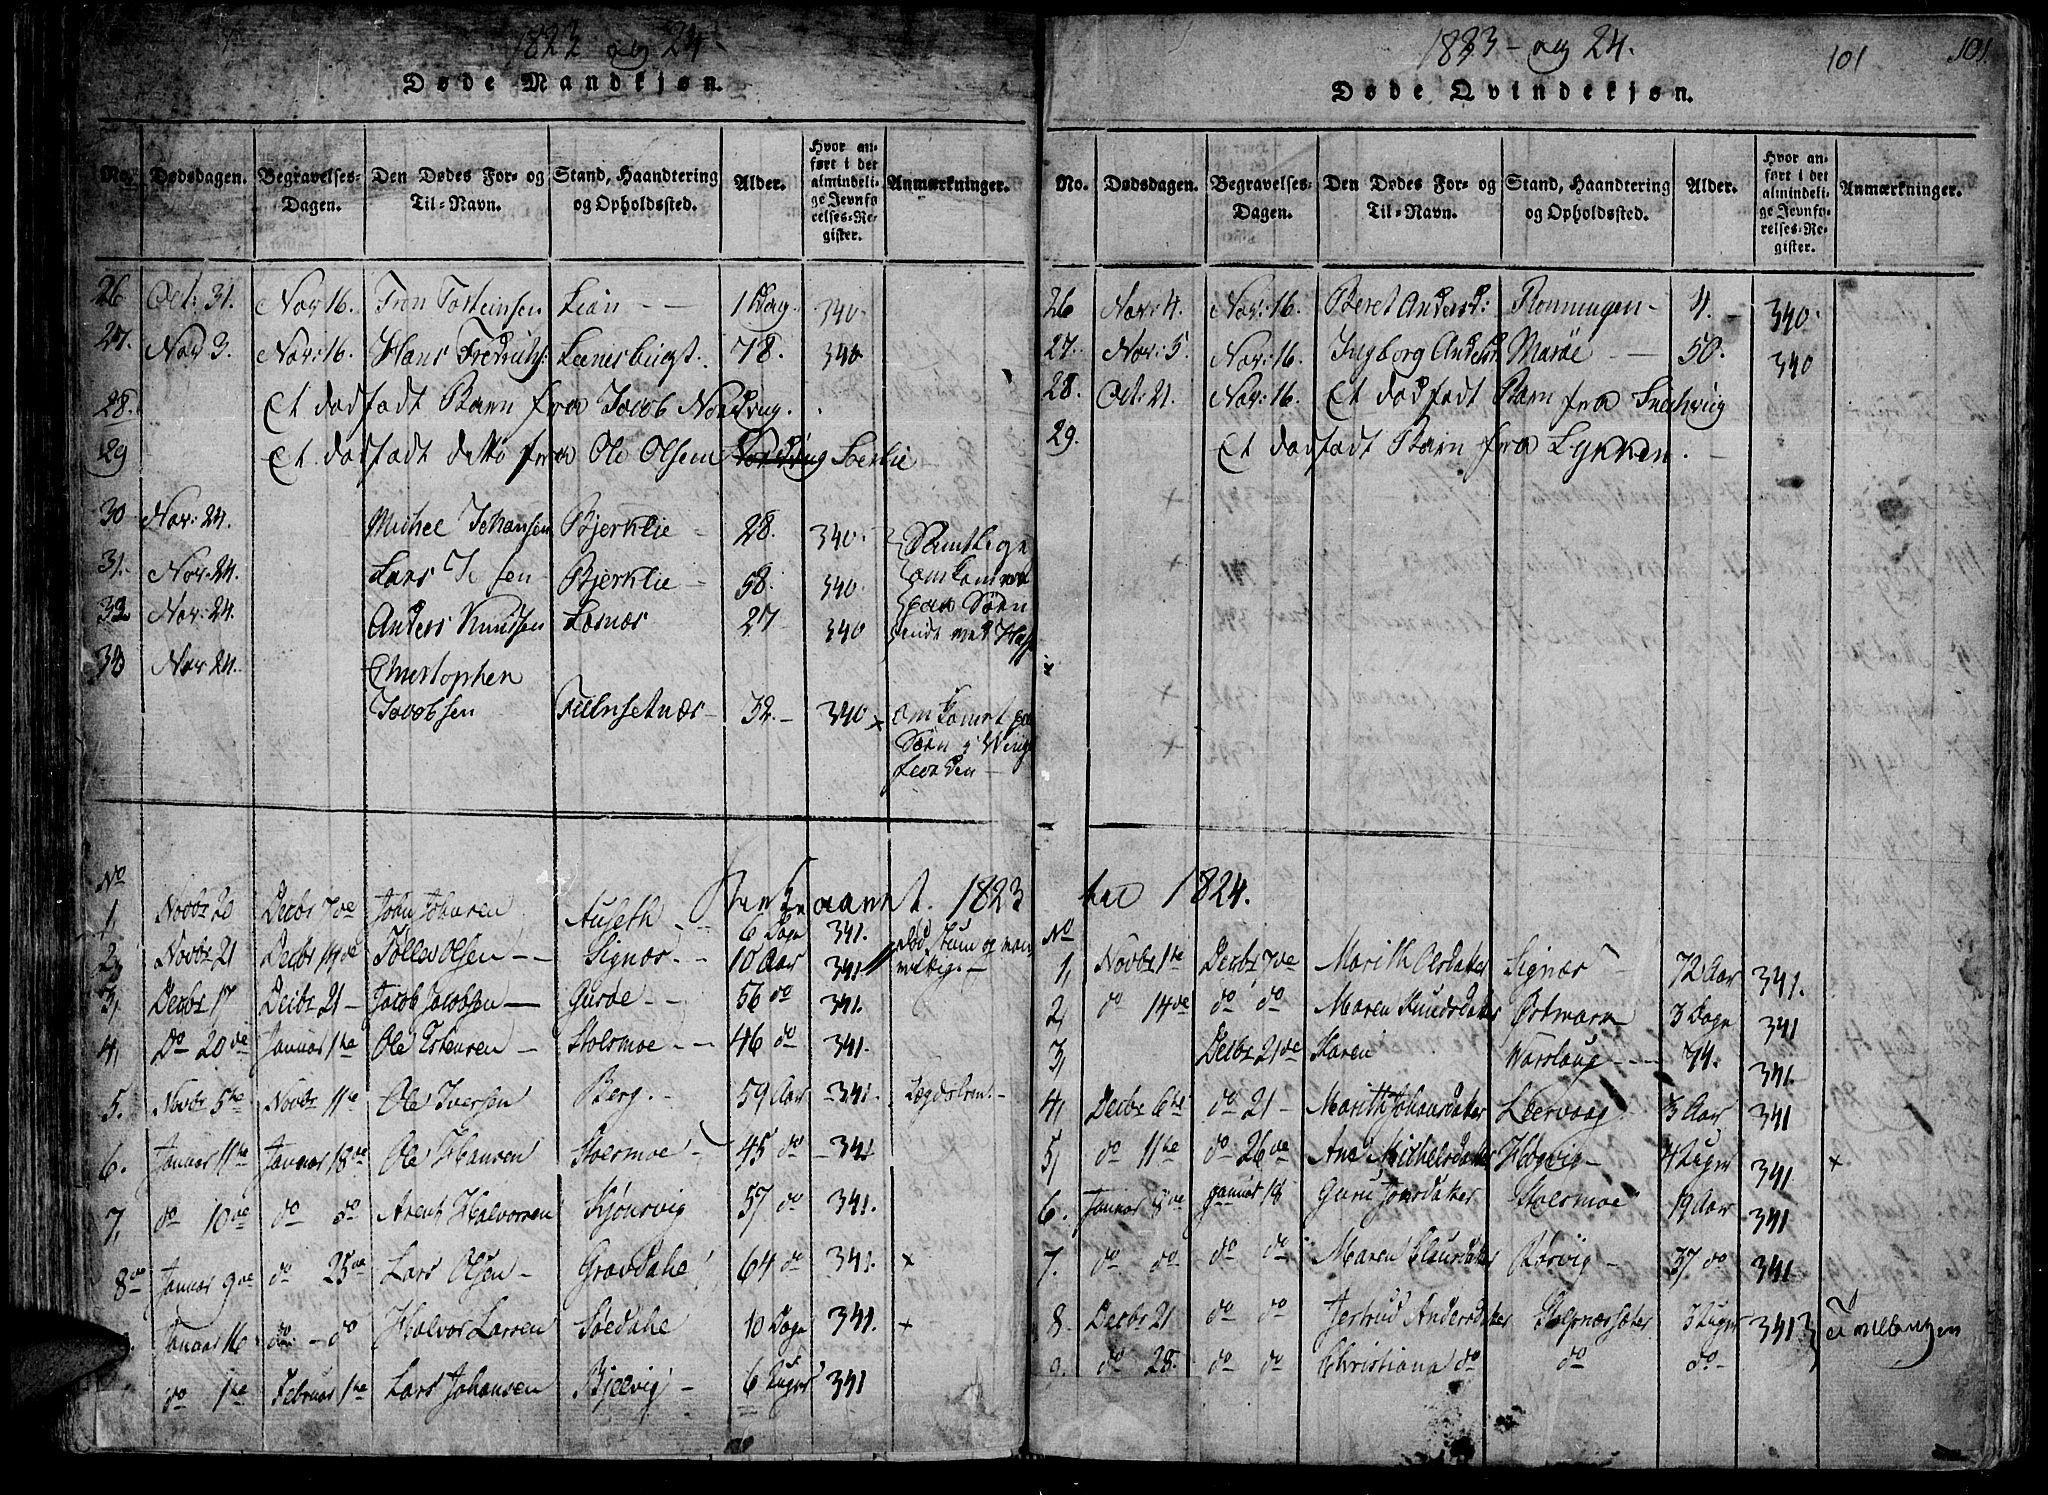 SAT, Ministerialprotokoller, klokkerbøker og fødselsregistre - Sør-Trøndelag, 630/L0491: Ministerialbok nr. 630A04, 1818-1830, s. 101